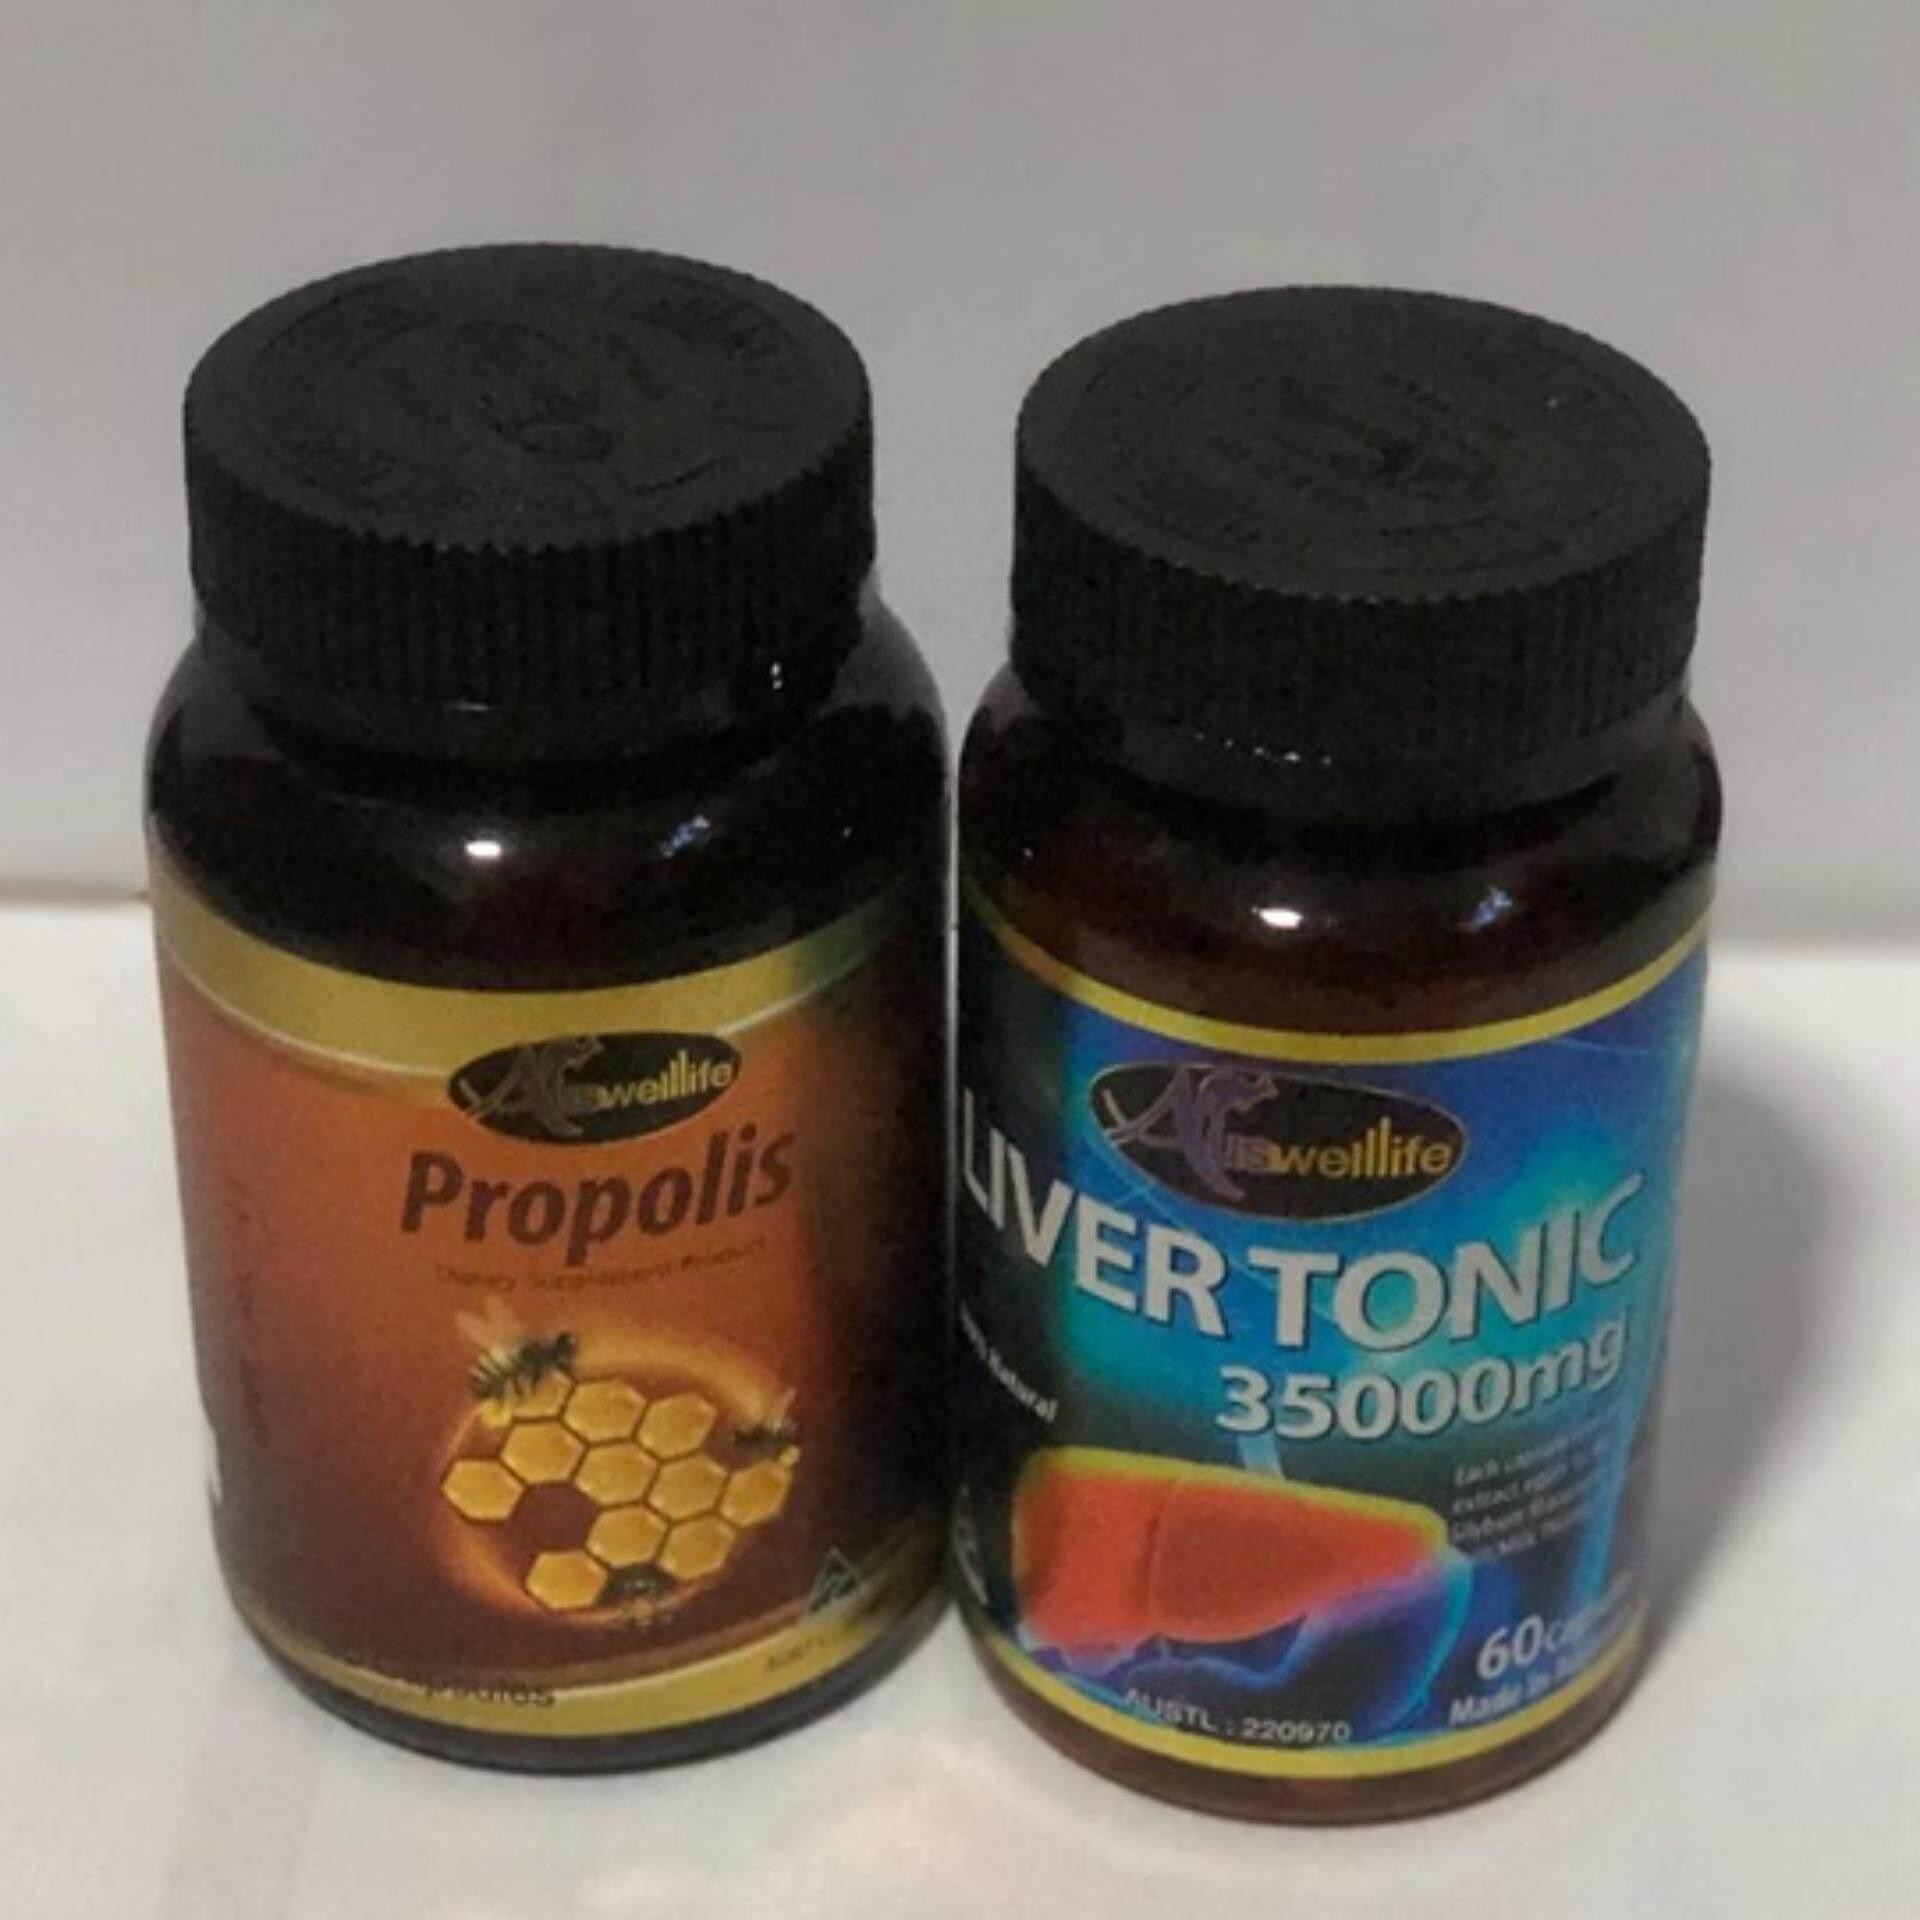 คู่เด็ด! ล้างสารพิษ สร้างภูมิคุ้มกัน Auswelllife Liver Tonic 35000mg. วิตามินบำรุงตับ ล้างสารพิษ ดีท็อกตับให้แข็งแรง จำนวน 60 แคปซูล + Auswelllife Propolis พรอพอลิส 1000 Mg. (60 แคปซูล).